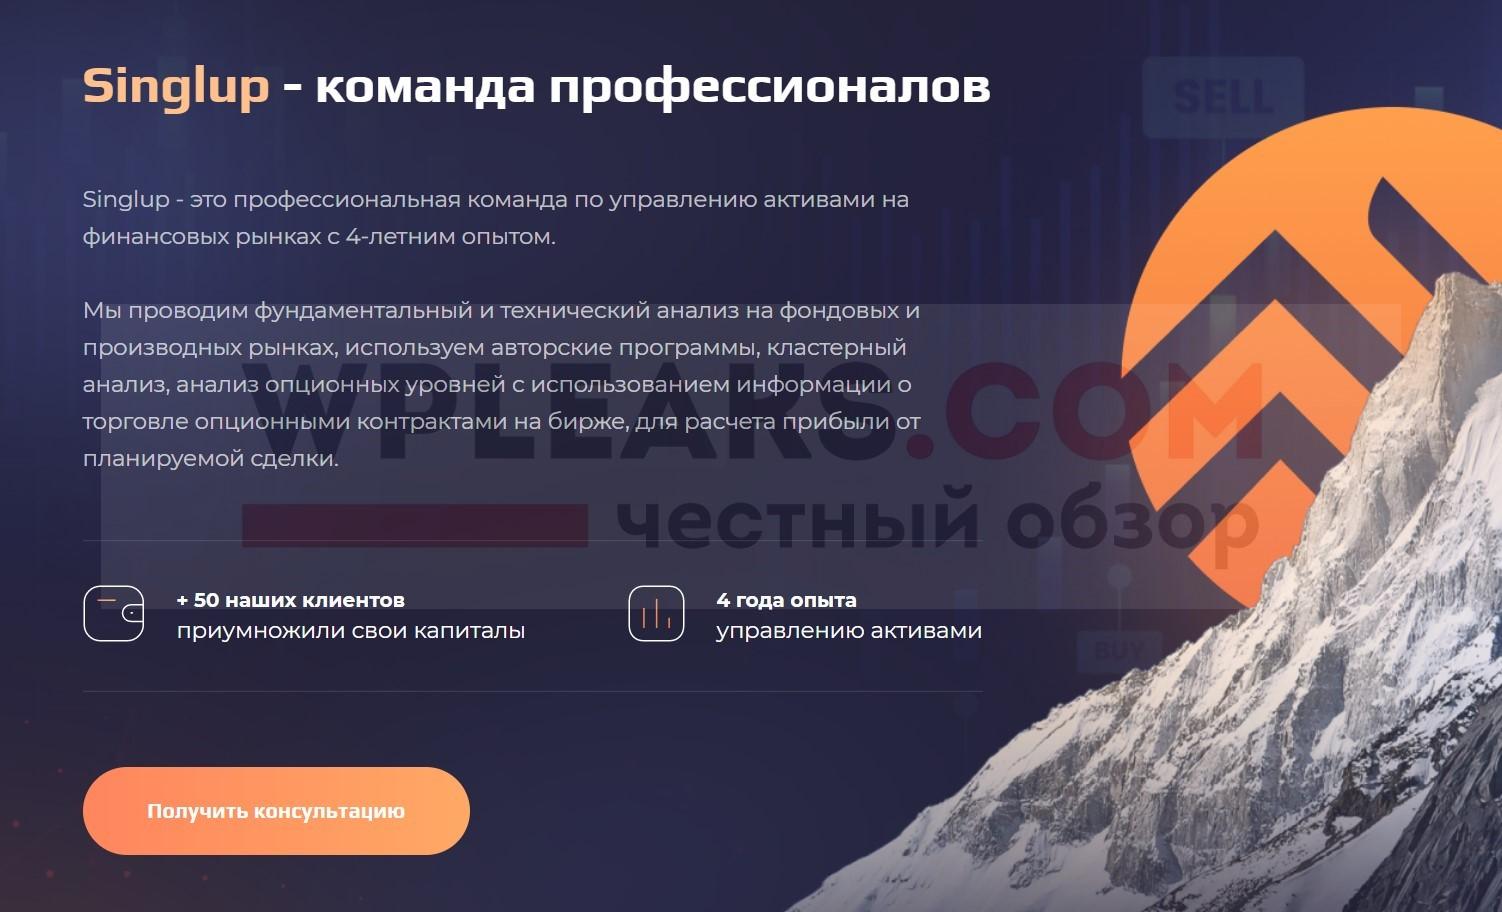 singlup.com обзор